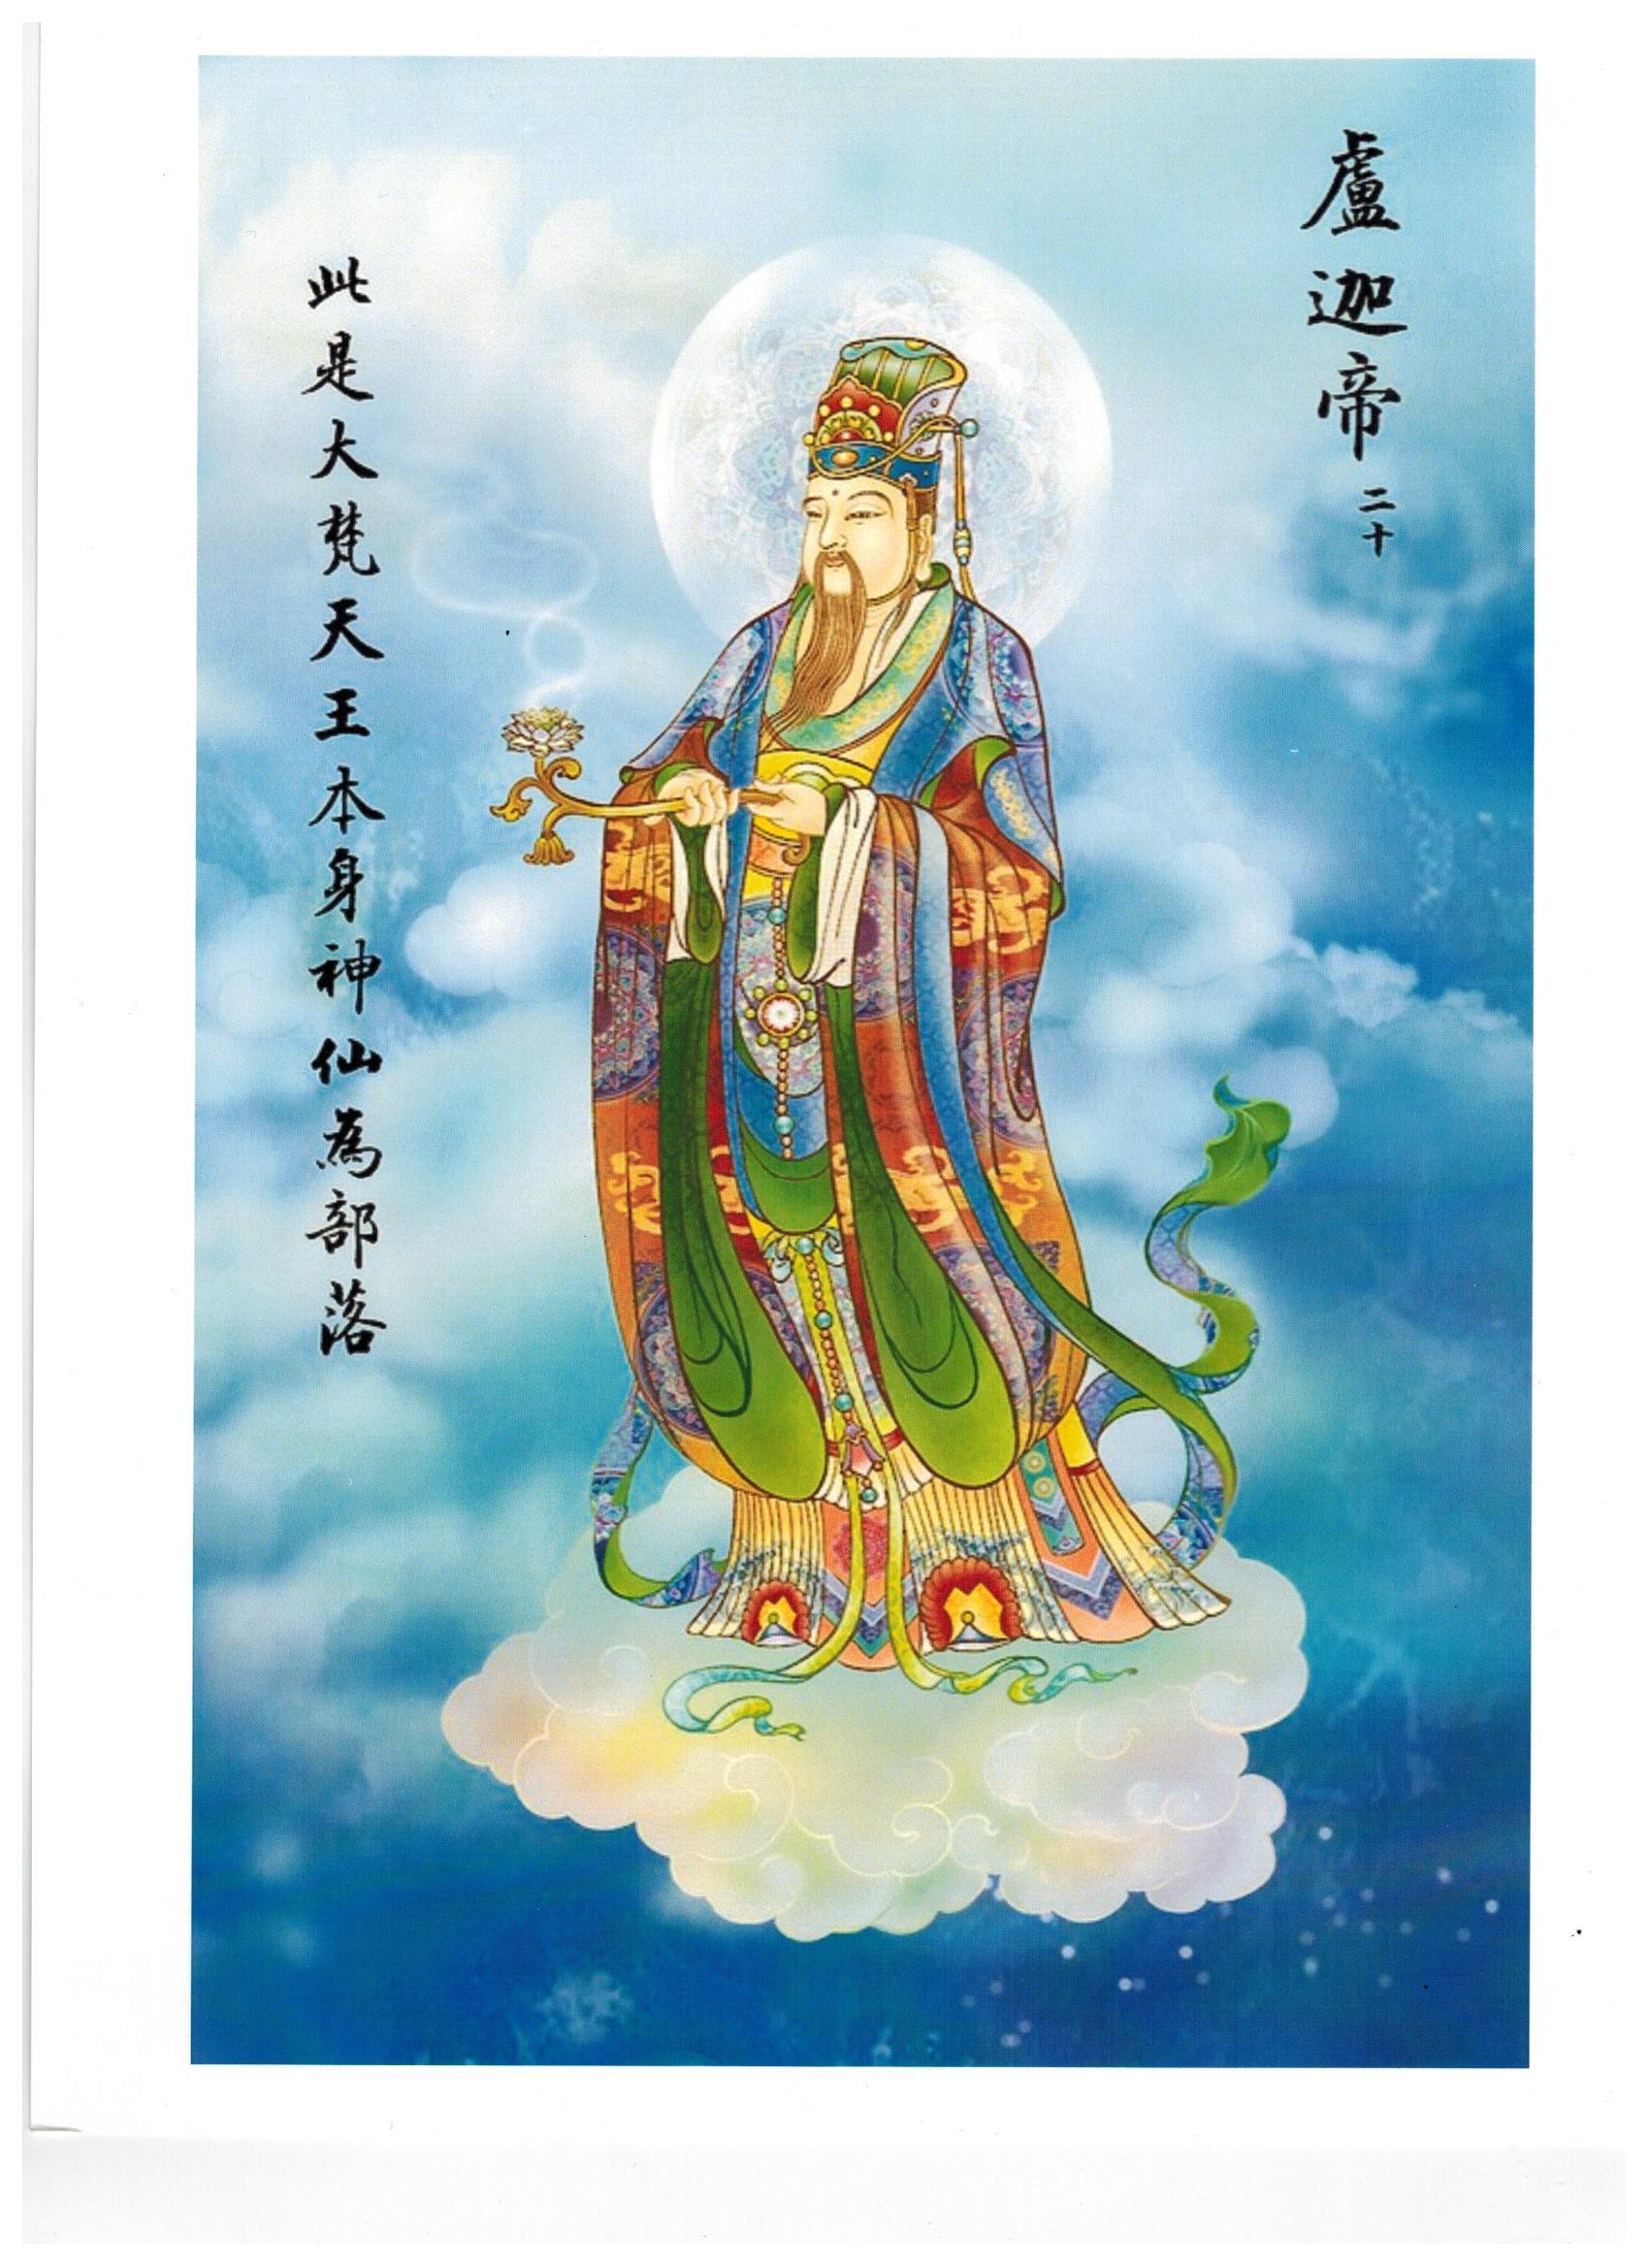 20 – Lu Jia Di